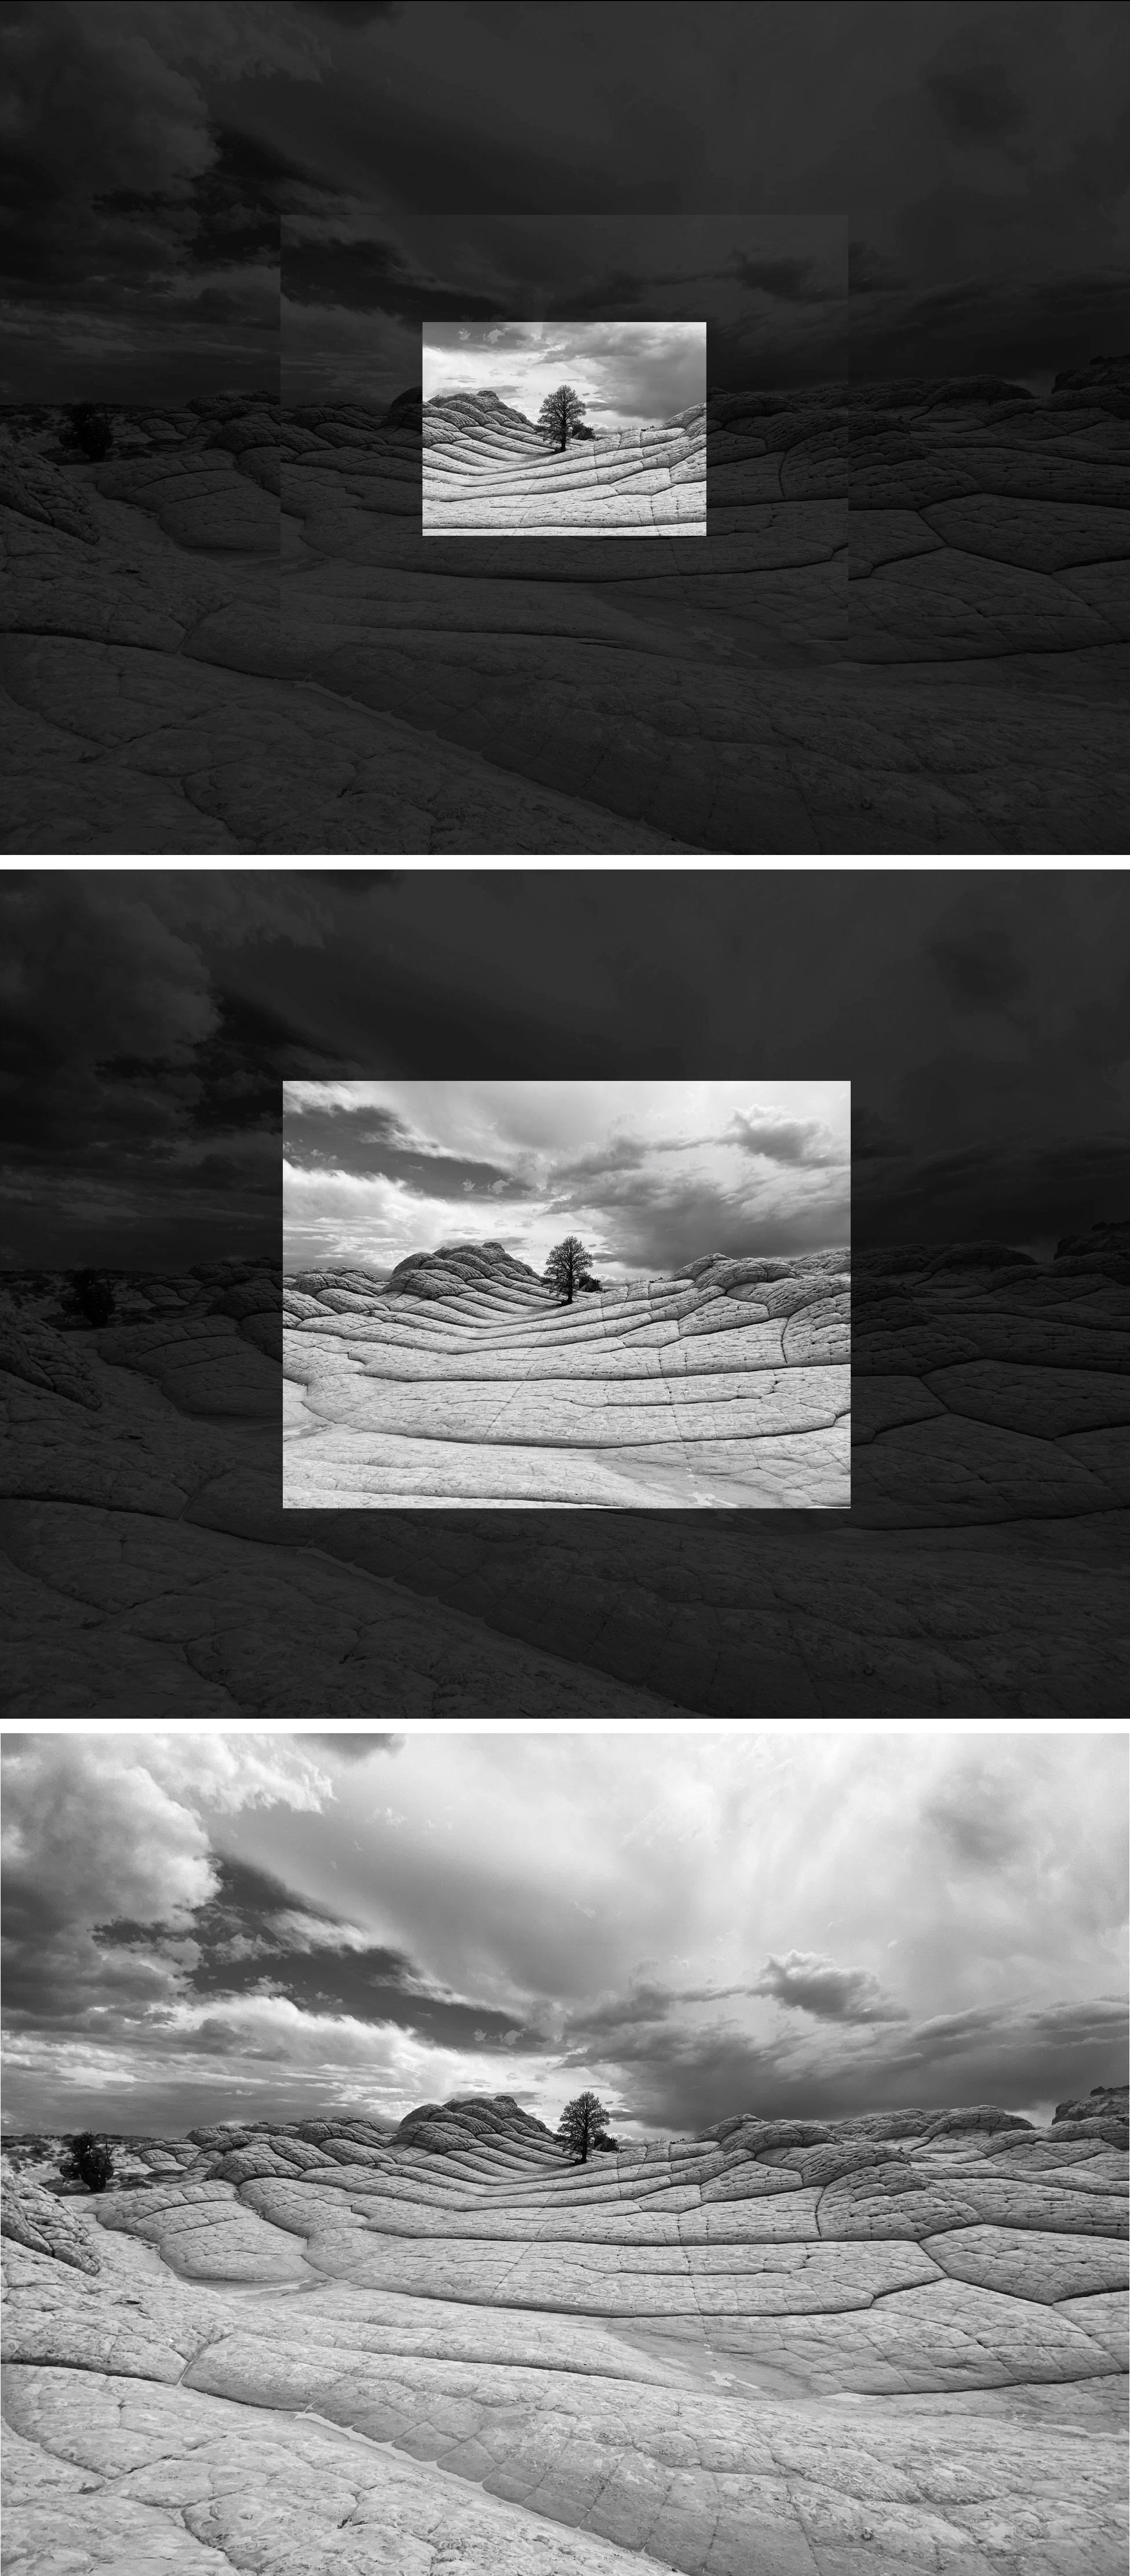 Fotografía  tomada con cada una de las tres cámaras del iPhone 11 Pro